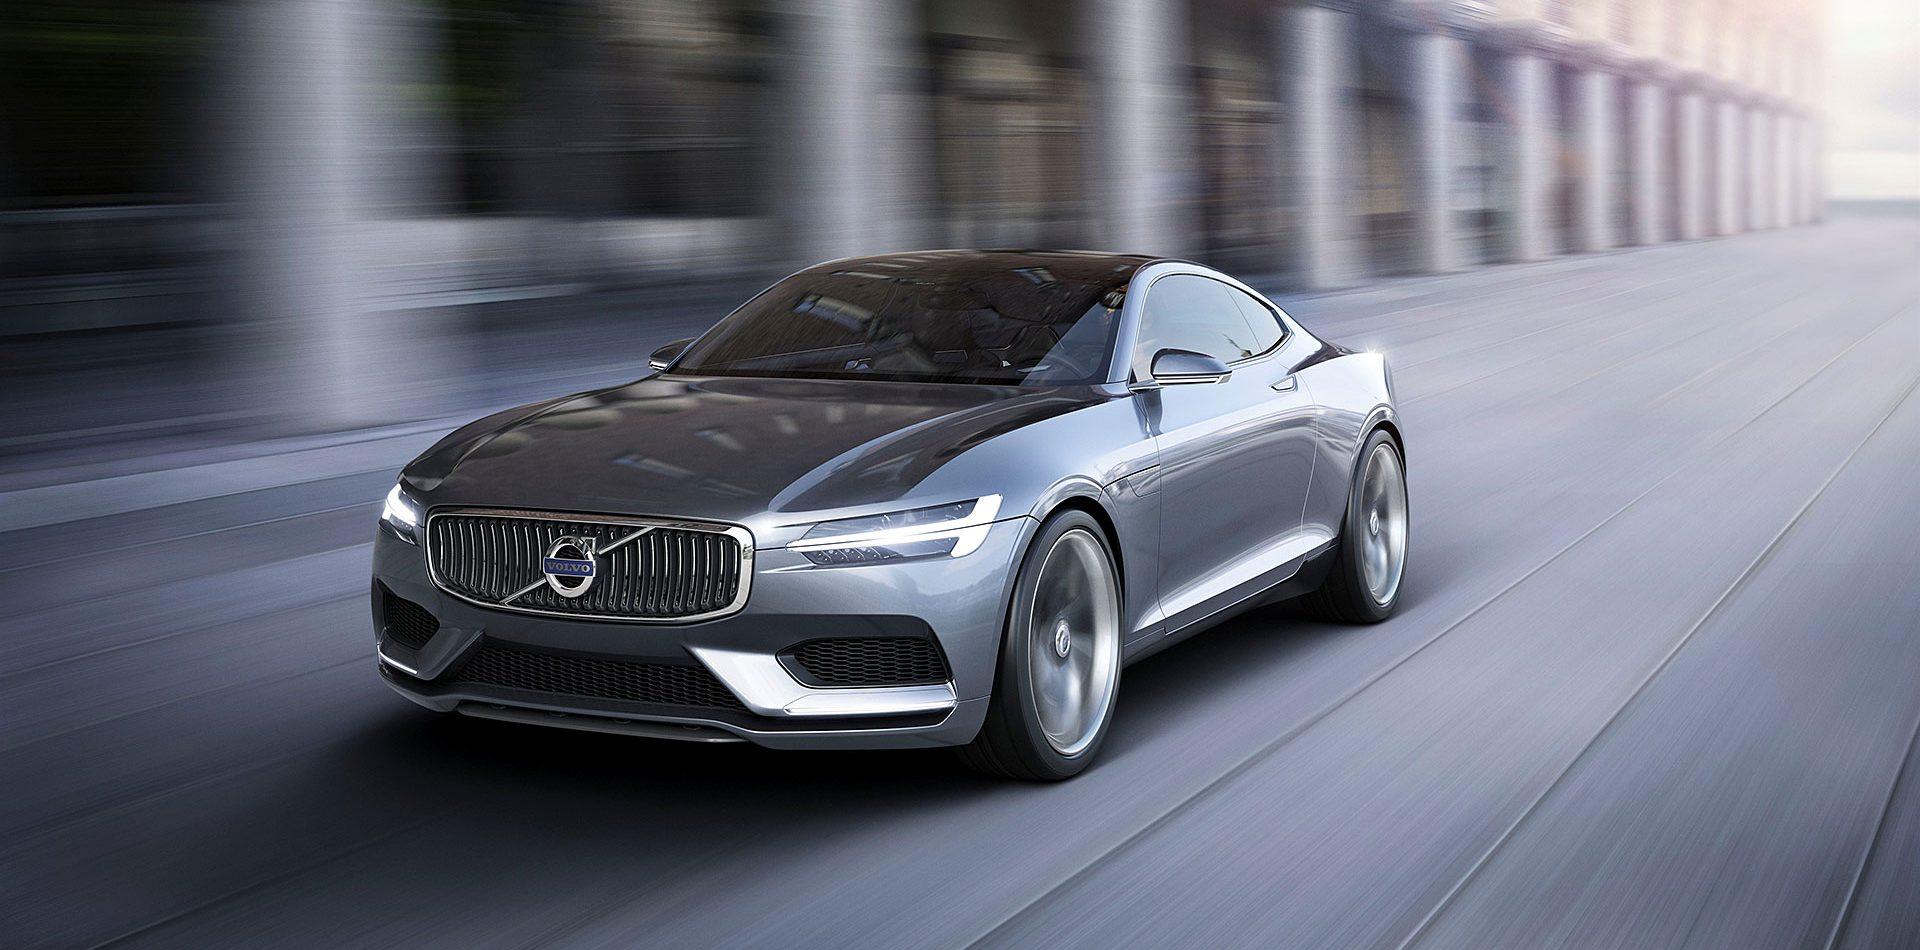 2013 Volvo Coupe Concept